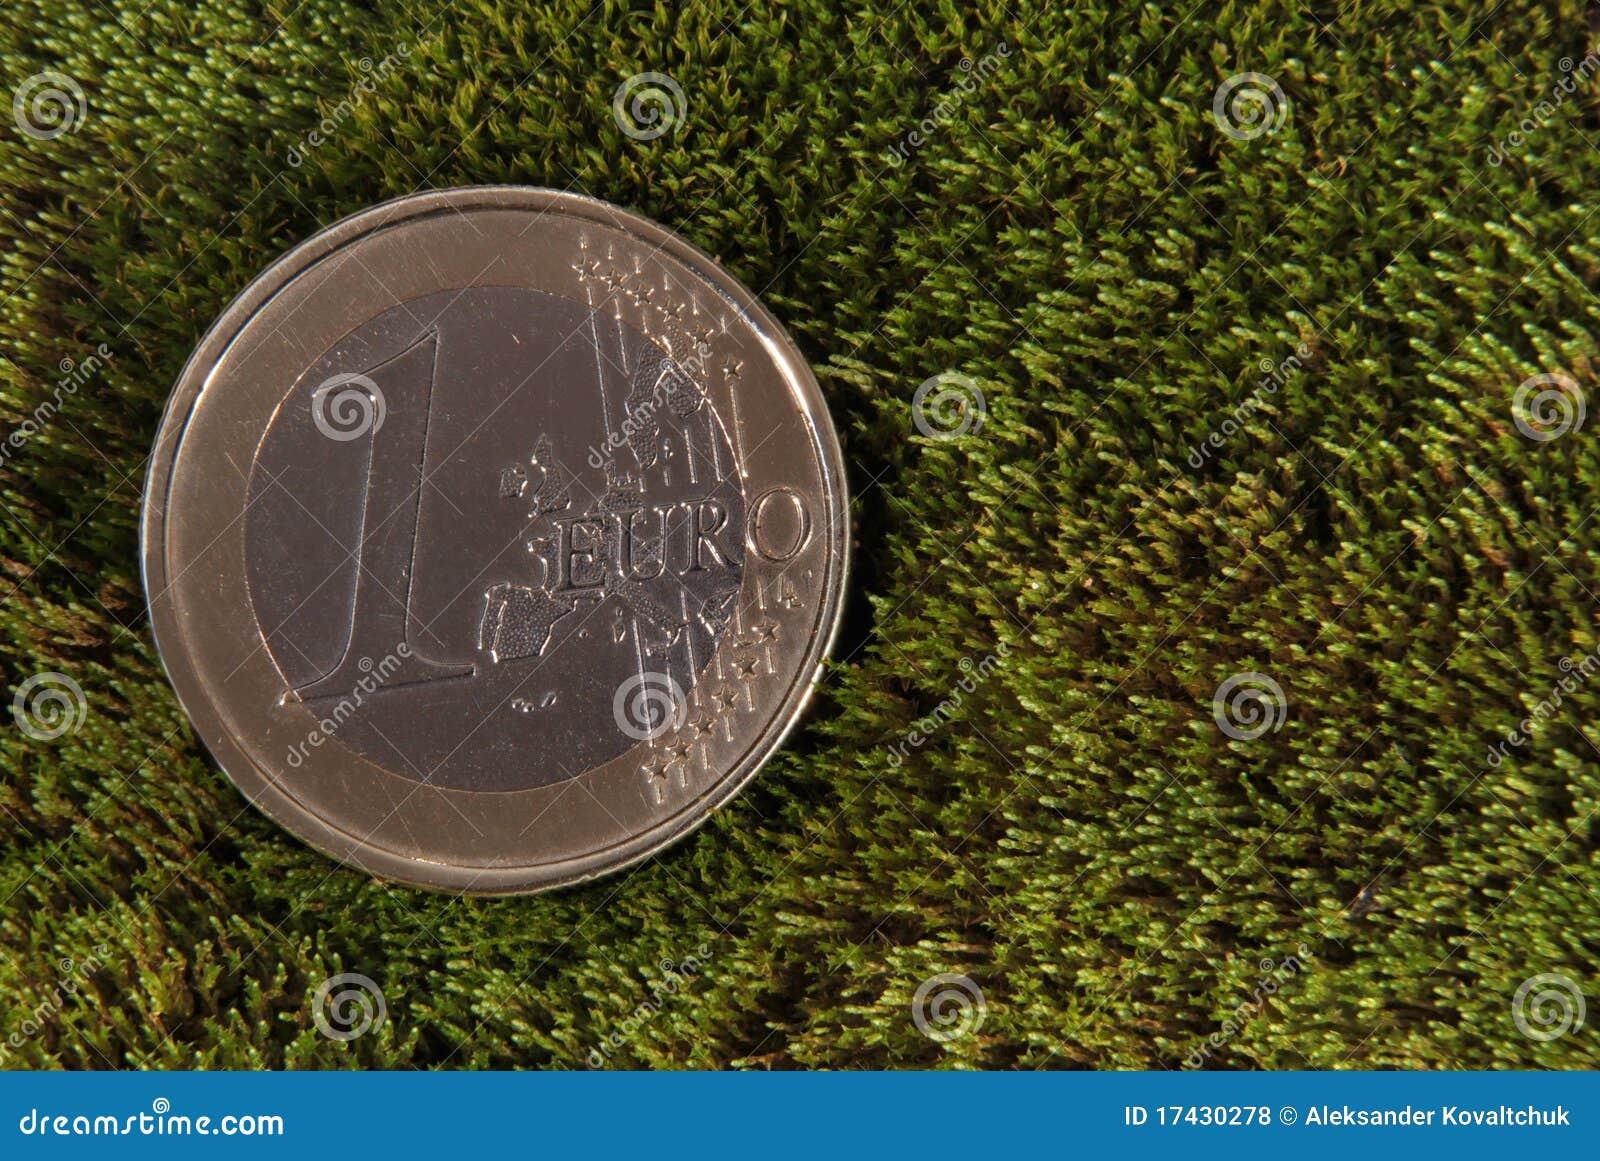 Förlorad moss för mynt lays